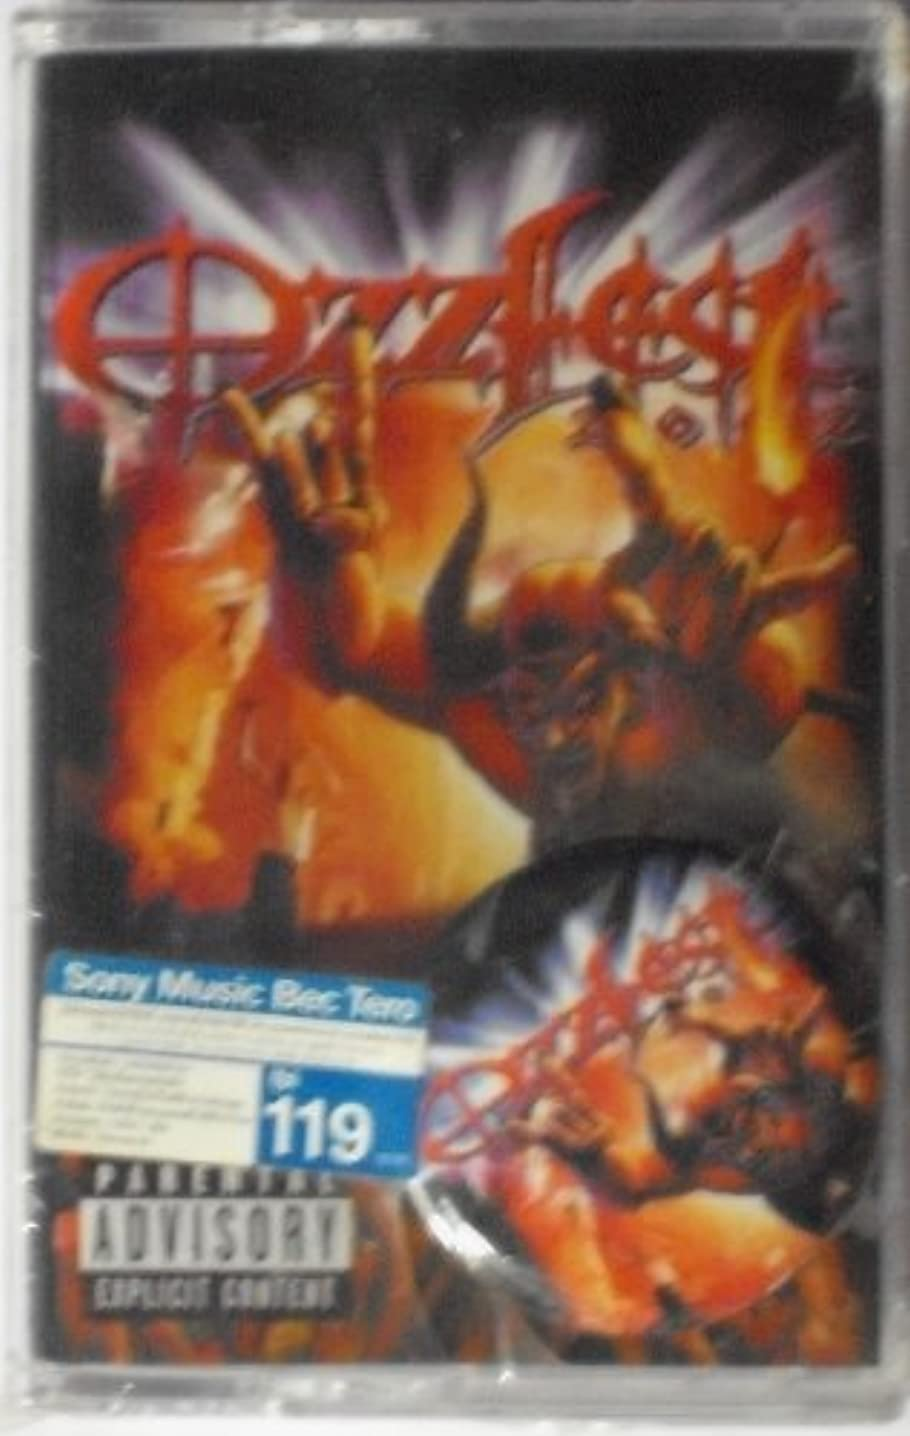 Ozzfest Live 2002 + Button Pin